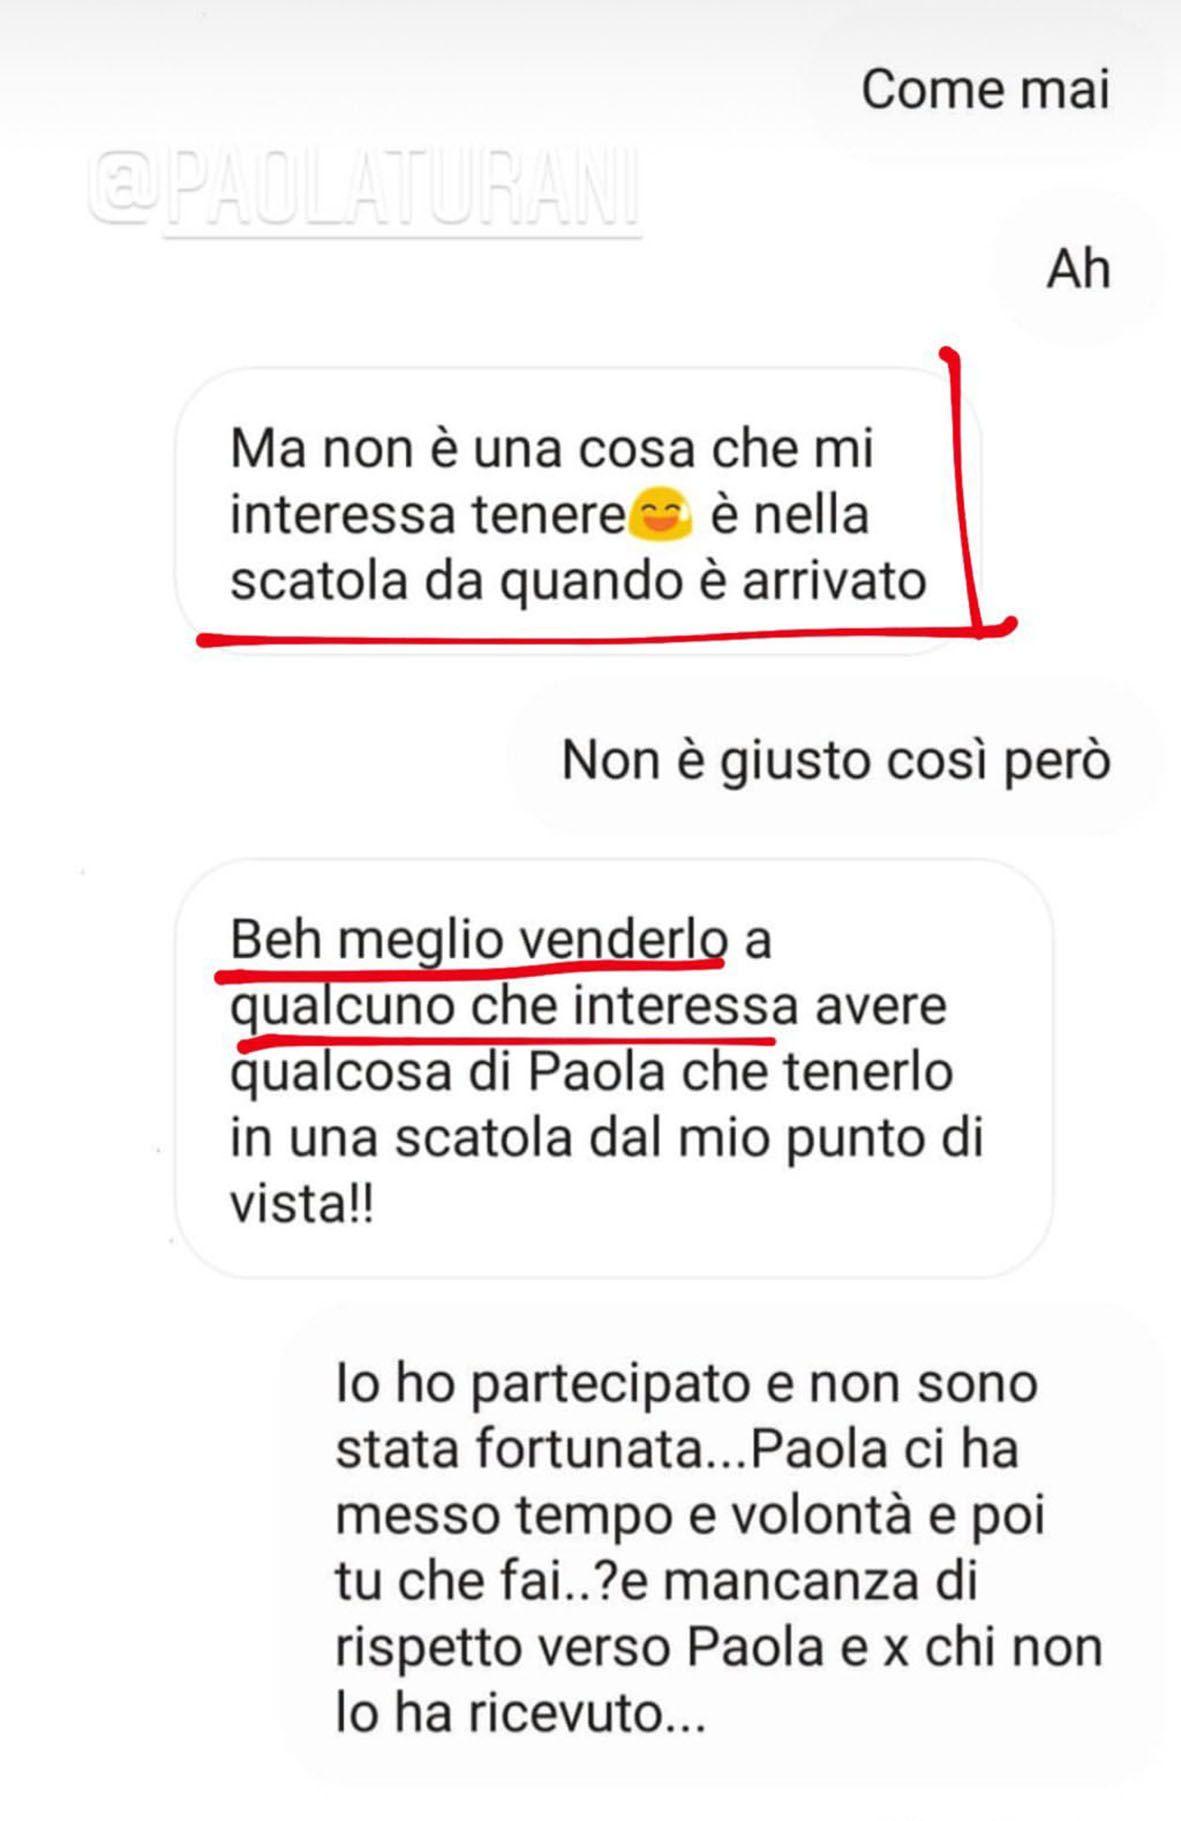 Alcuni screenshot dei messaggi scambiati tra alcune fan di Paola Turani e poi pubblicati dall'influencer